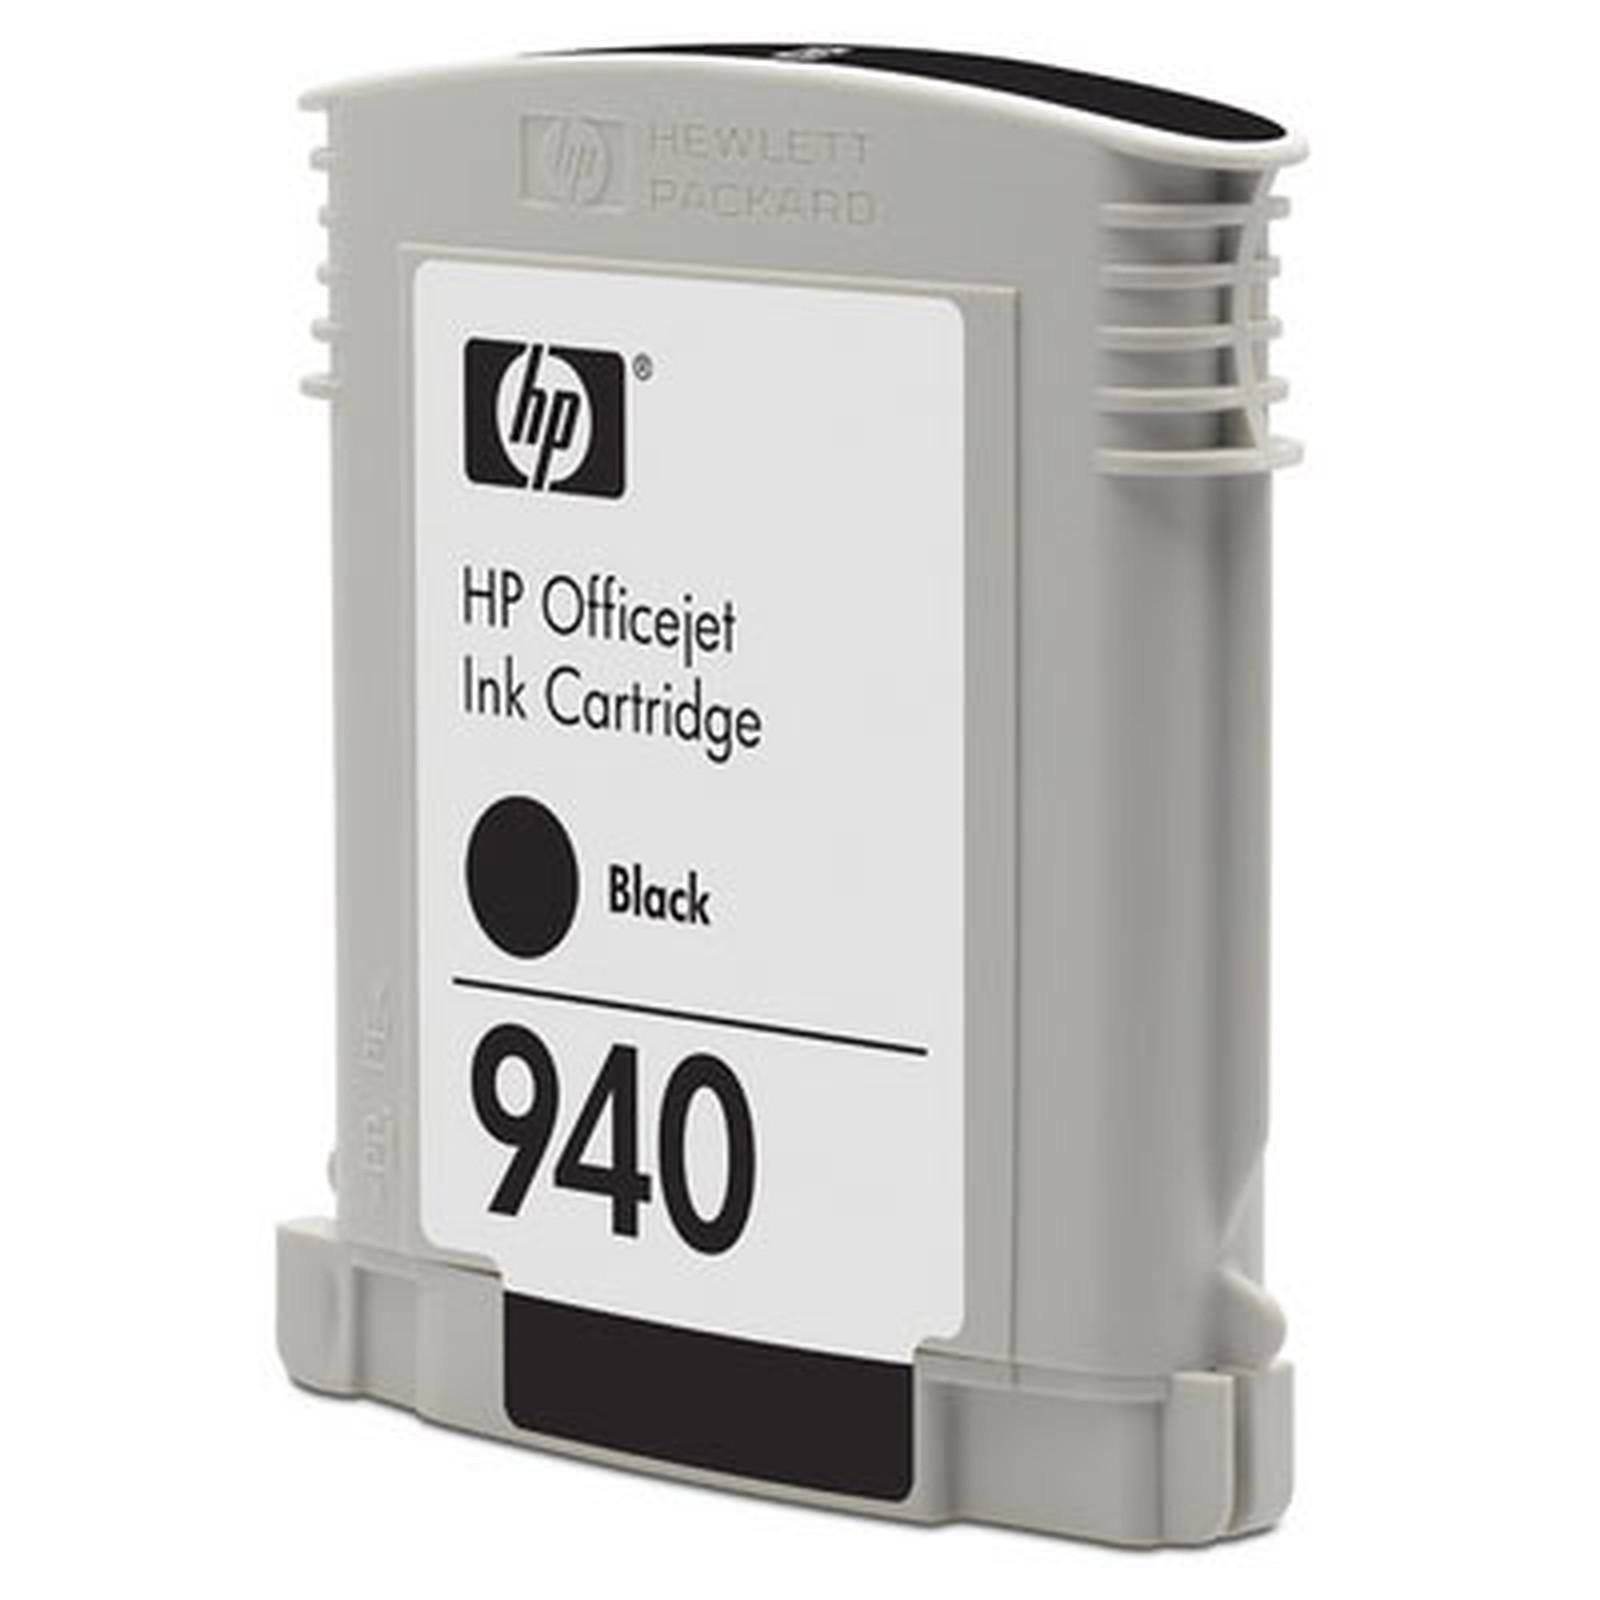 HP Officejet 940 - C4902AE (Blister)